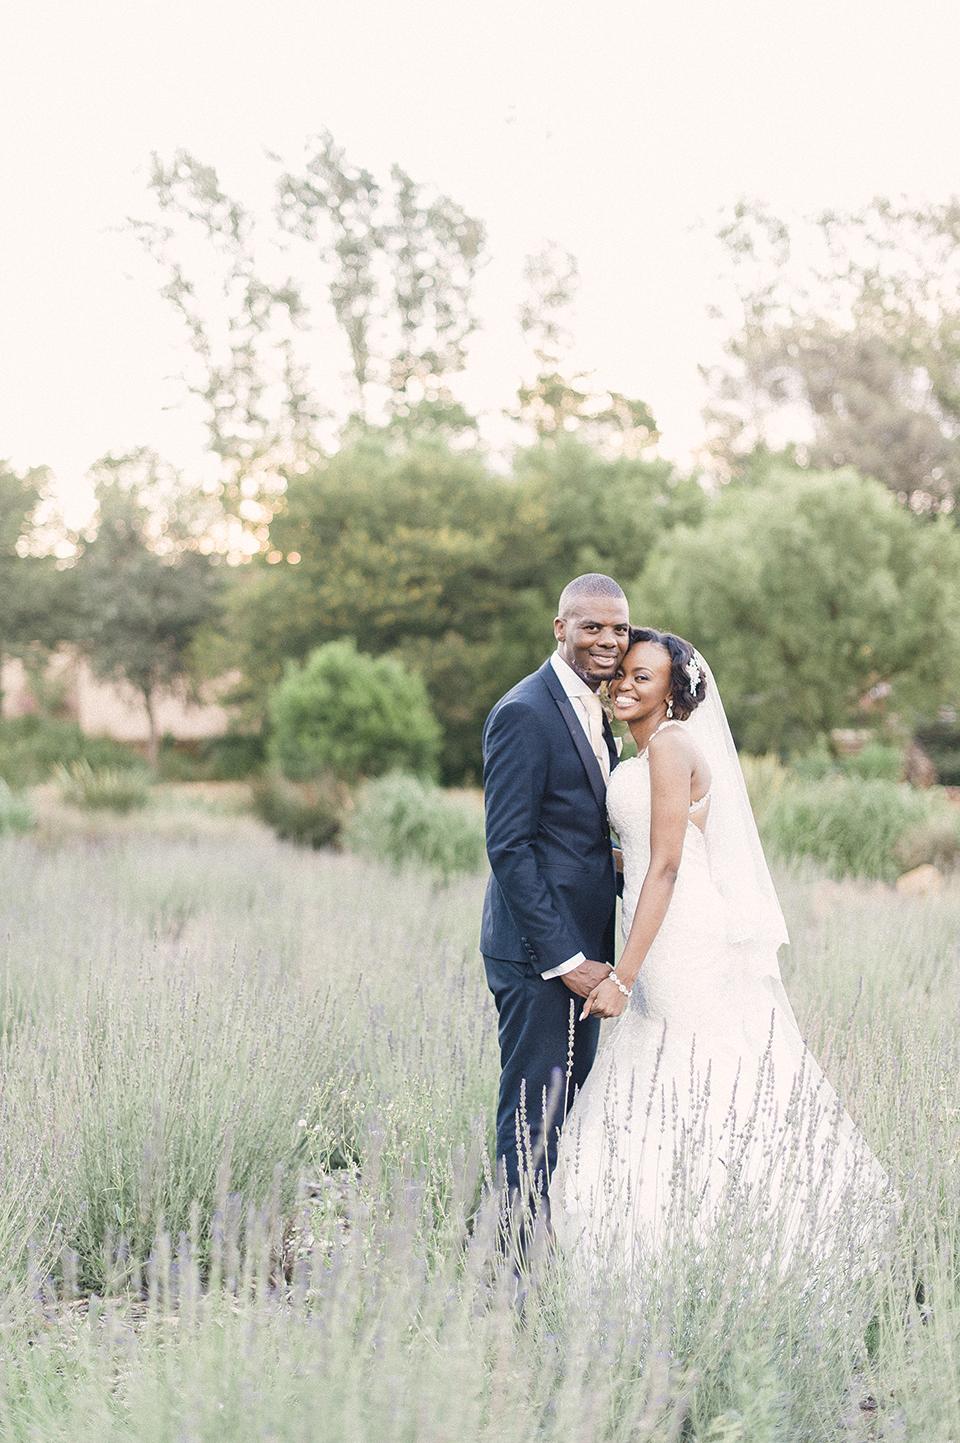 RyanParker_WeddingPhotographer_FineArt_CapeTown_Johannesburg_Hermanus_Avianto_T&L_DSC_9216.jpg